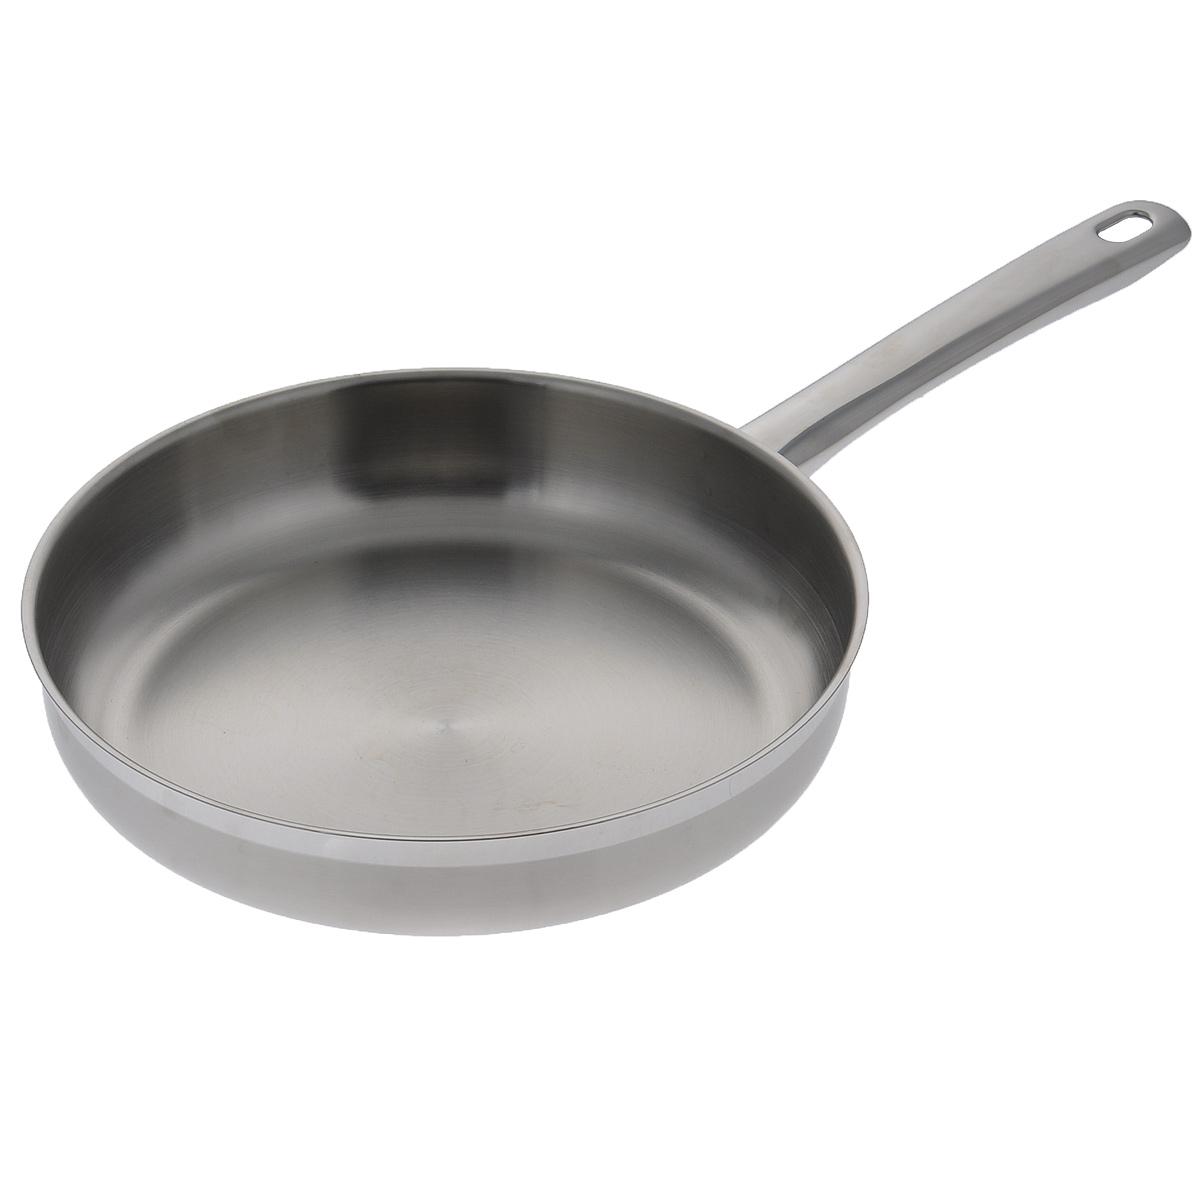 """Сковорода Silampos """"Европа"""" изготовлена из высококачественной нержавеющей стали.  Комбинация зеркальной и матовой полировки придает посуде стильный внешний вид.  Термическое дно """"Impact Disc Plus"""" выдерживает температуру до двух раз превосходящую  максимальную температуру, необходимую для приготовления пищи. Изделие оснащено  прочной стальной ручкой. Специальные изогнутые бортики посуды обеспечивают легкое и  аккуратное выливание жидкости.  Можно использовать на газовой, электрической, стеклокерамической, галогеновой,  индукционной плите. Можно мыть в посудомоечной машине.   Посуда Silampos производится с использованием самых последних достижений в области производства изделий из нержавеющей стали. Алюминиевый диск инкапсулируется между дном кастрюли и защитной оболочкой из нержавеющей стали под давлением 1500 тонн. Этот высокотехнологичный процесс устраняет необходимость обычной сварки, ахиллесовой пяты многих производителей товаров из нержавеющей стали. Вместо того, чтобы сваривать две металлические детали вместе, этот процесс соединяет алюминий и нержавеющей стали в единое целое. Метод полной инкапсуляции позволяет с абсолютной надежностью покрыть алюминиевый диск нержавеющей сталью. Это делает невозможным контакт алюминиевого диска с открытым огнем и активной средой некоторых моющий средств. Посуда Silampos является лауреатом многочисленных Португальских и Европейских конкурсов, и по праву сохраняет лидирующие позиции на рынке кухонной посуды в Европе и мире.  Посуда изготовлена из нержавеющей стали с добавлением 18% хрома и 10% никеля. Посуду можно мыть в посудомоечной машине, использовать на всех видах плит (газовые, электрических, керамических и индукционных). Оснащена специальным алюминиевым диском - Impact Disk, разработанным с применением передовой технологии соединения диска с дном кастрюли и защитной оболочкой из нержавеющей стали под высоким давлением. Выдерживают температуру до 600°С. Использование алюминиевого жарораспределяющего диска позволяет значи"""